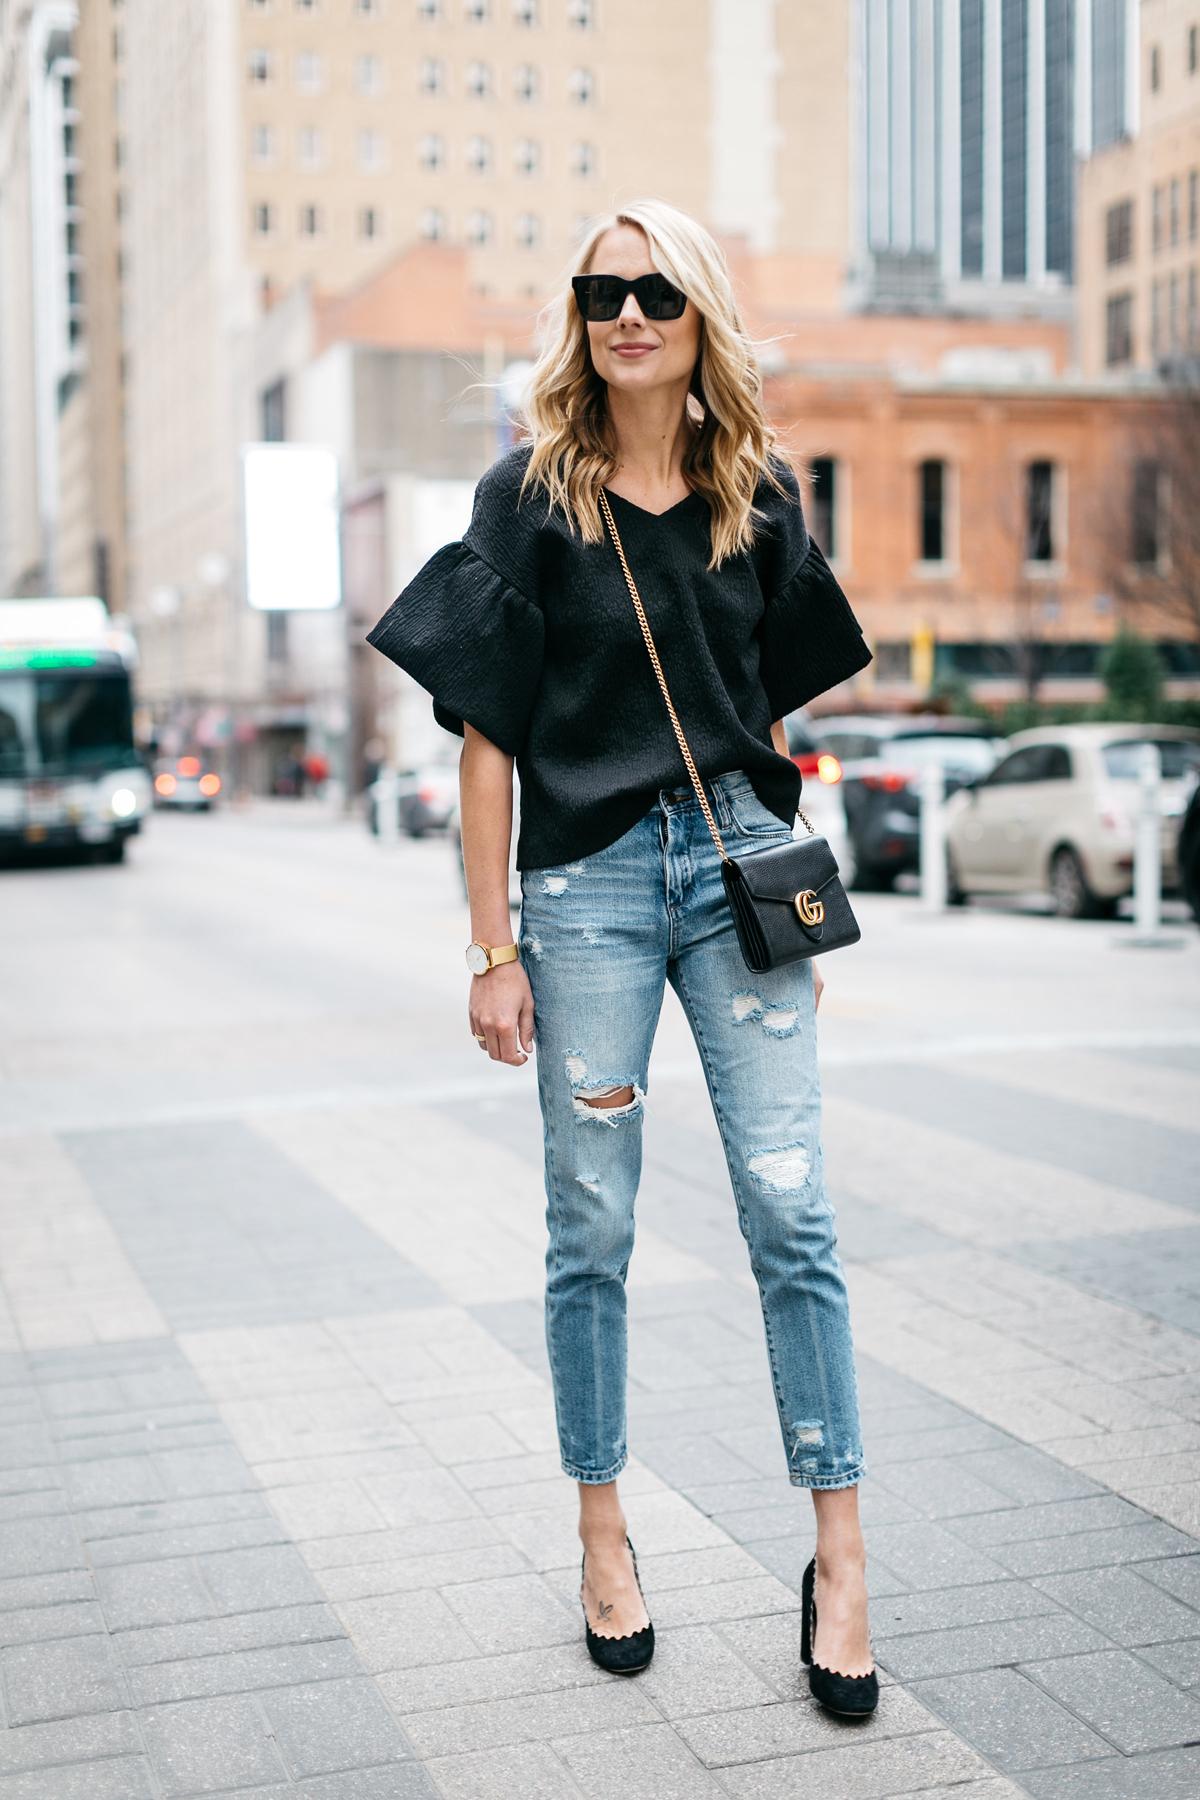 diện quần jeans mỗi ngày 1